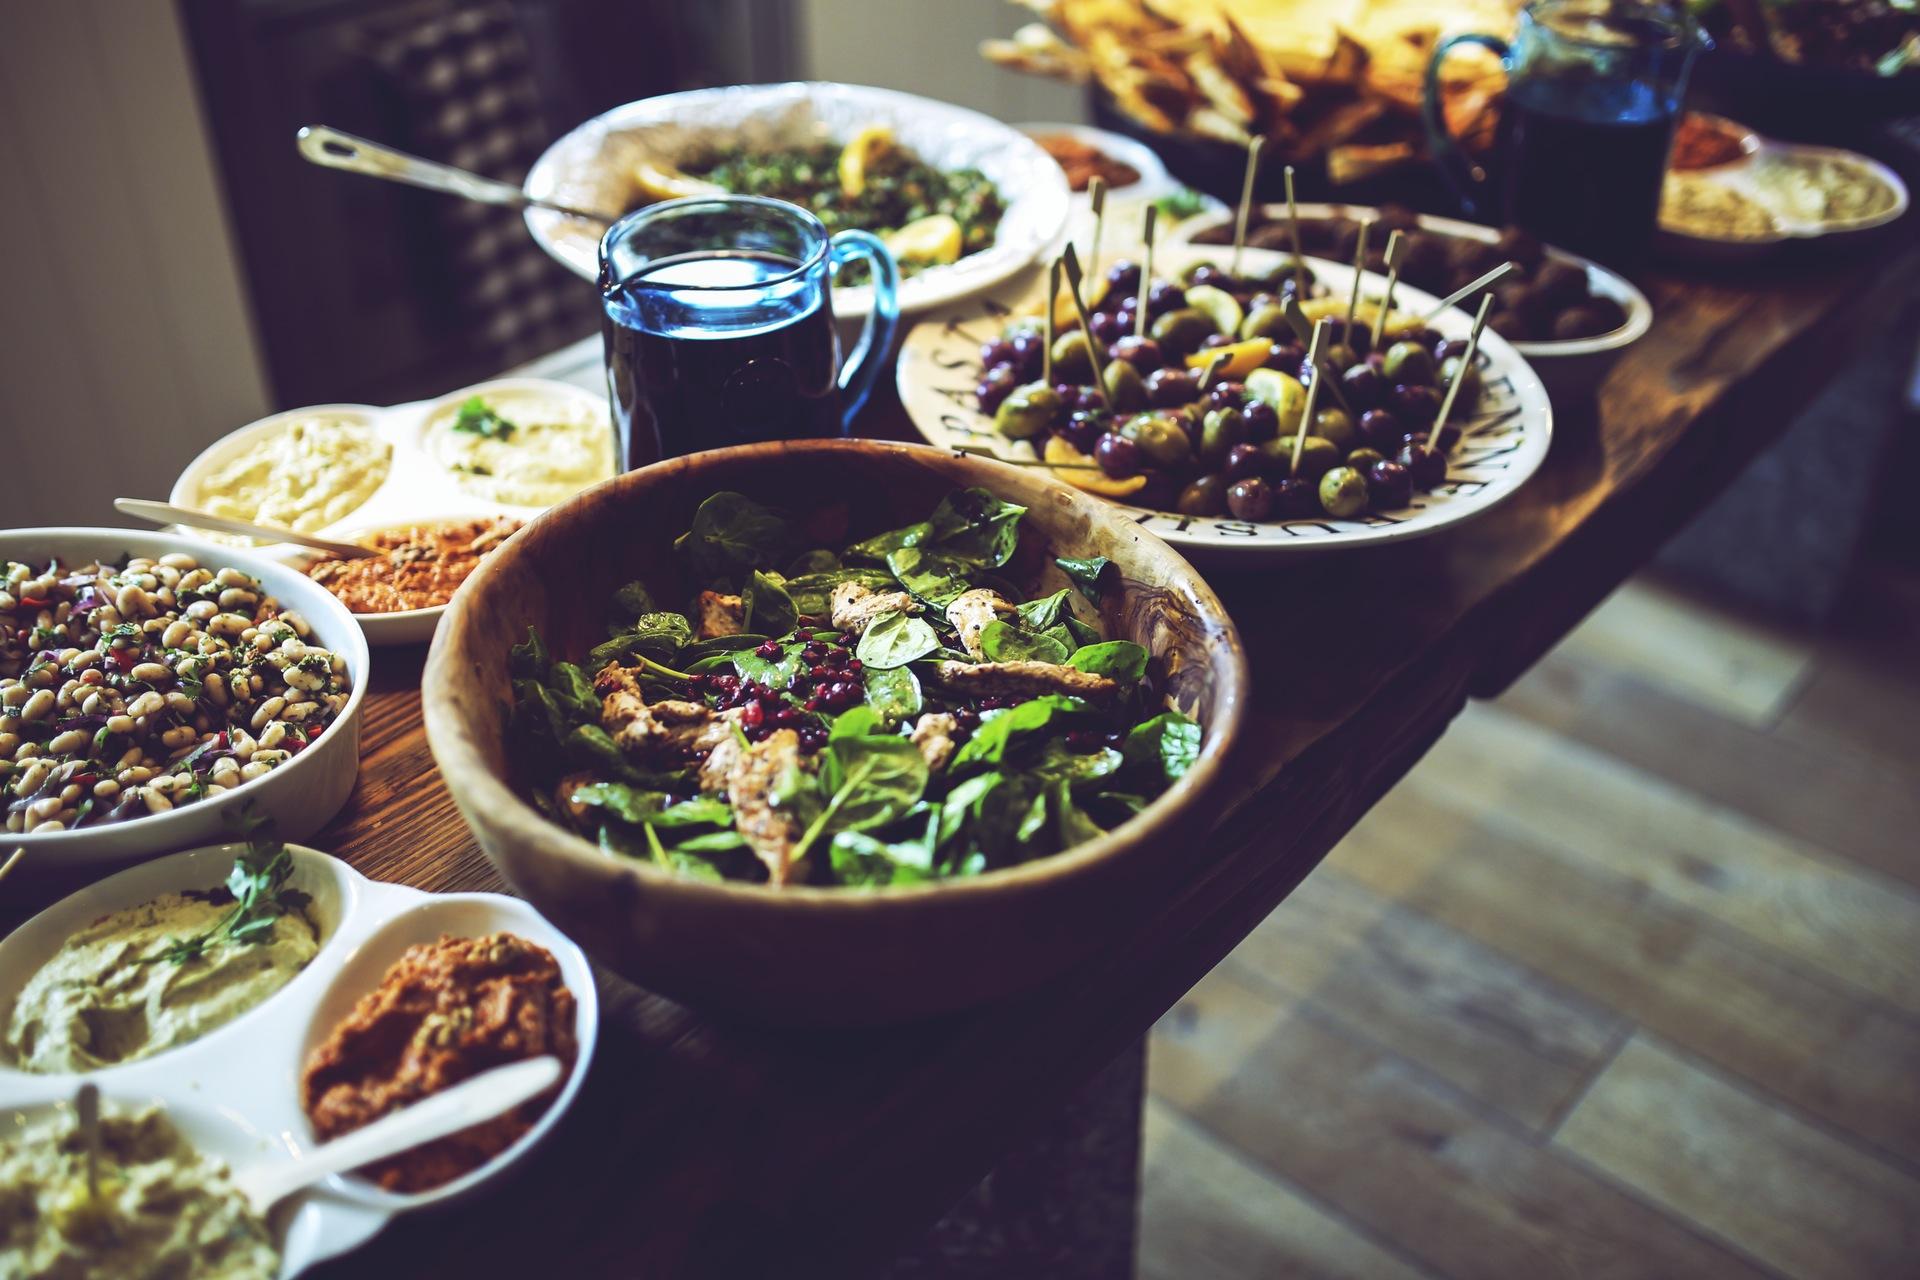 cibo, Insalata, verdure, sano, cucina, delizioso - Sfondi HD - Professor-falken.com